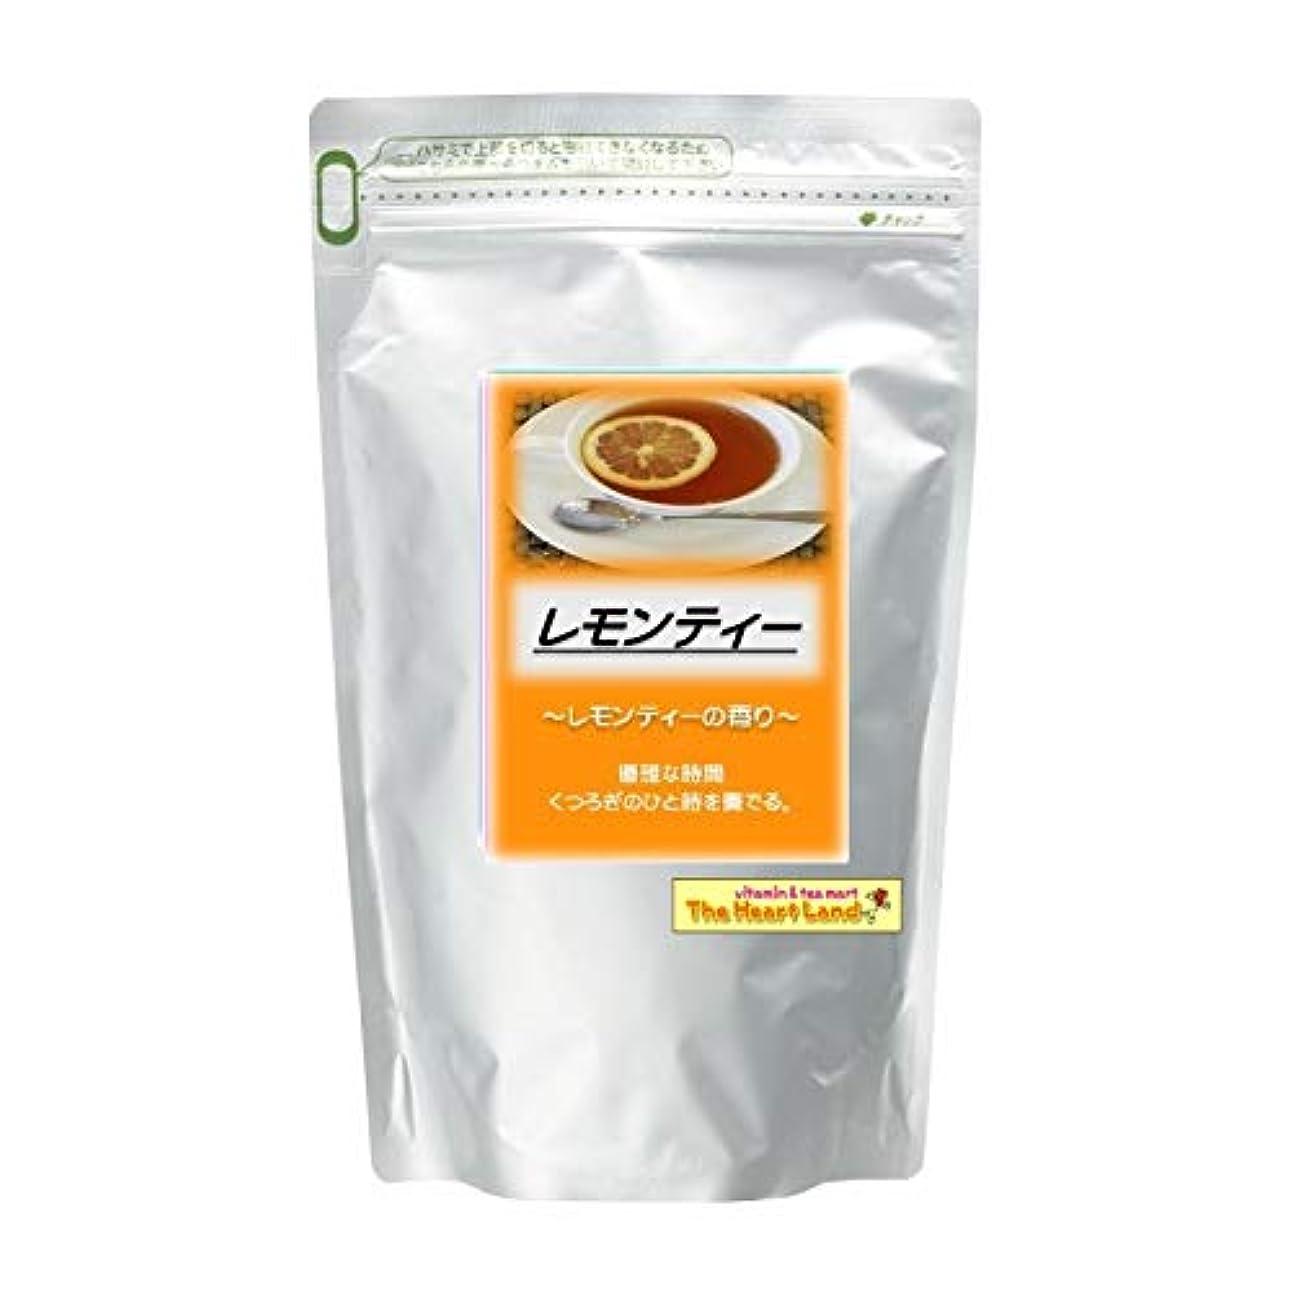 隠談話欠伸アサヒ入浴剤 浴用入浴化粧品 レモンティー 300g